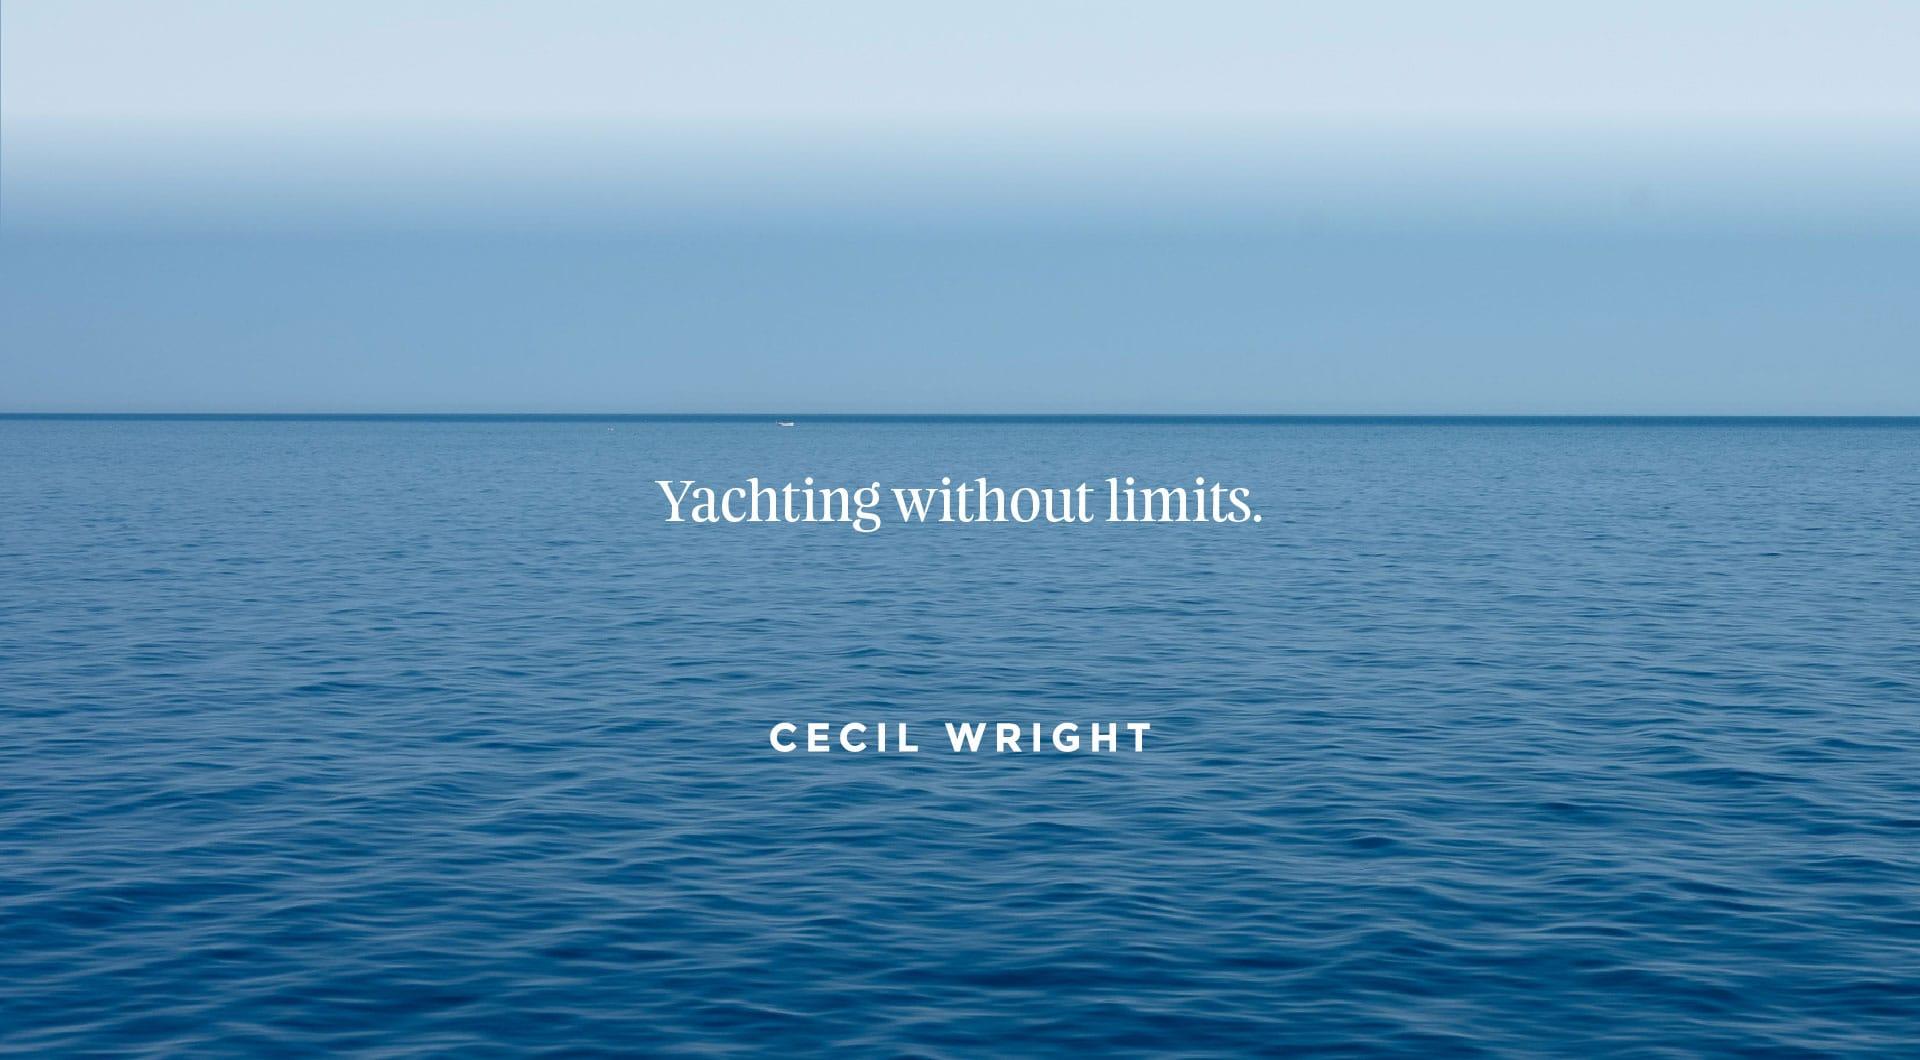 Cecil Wright